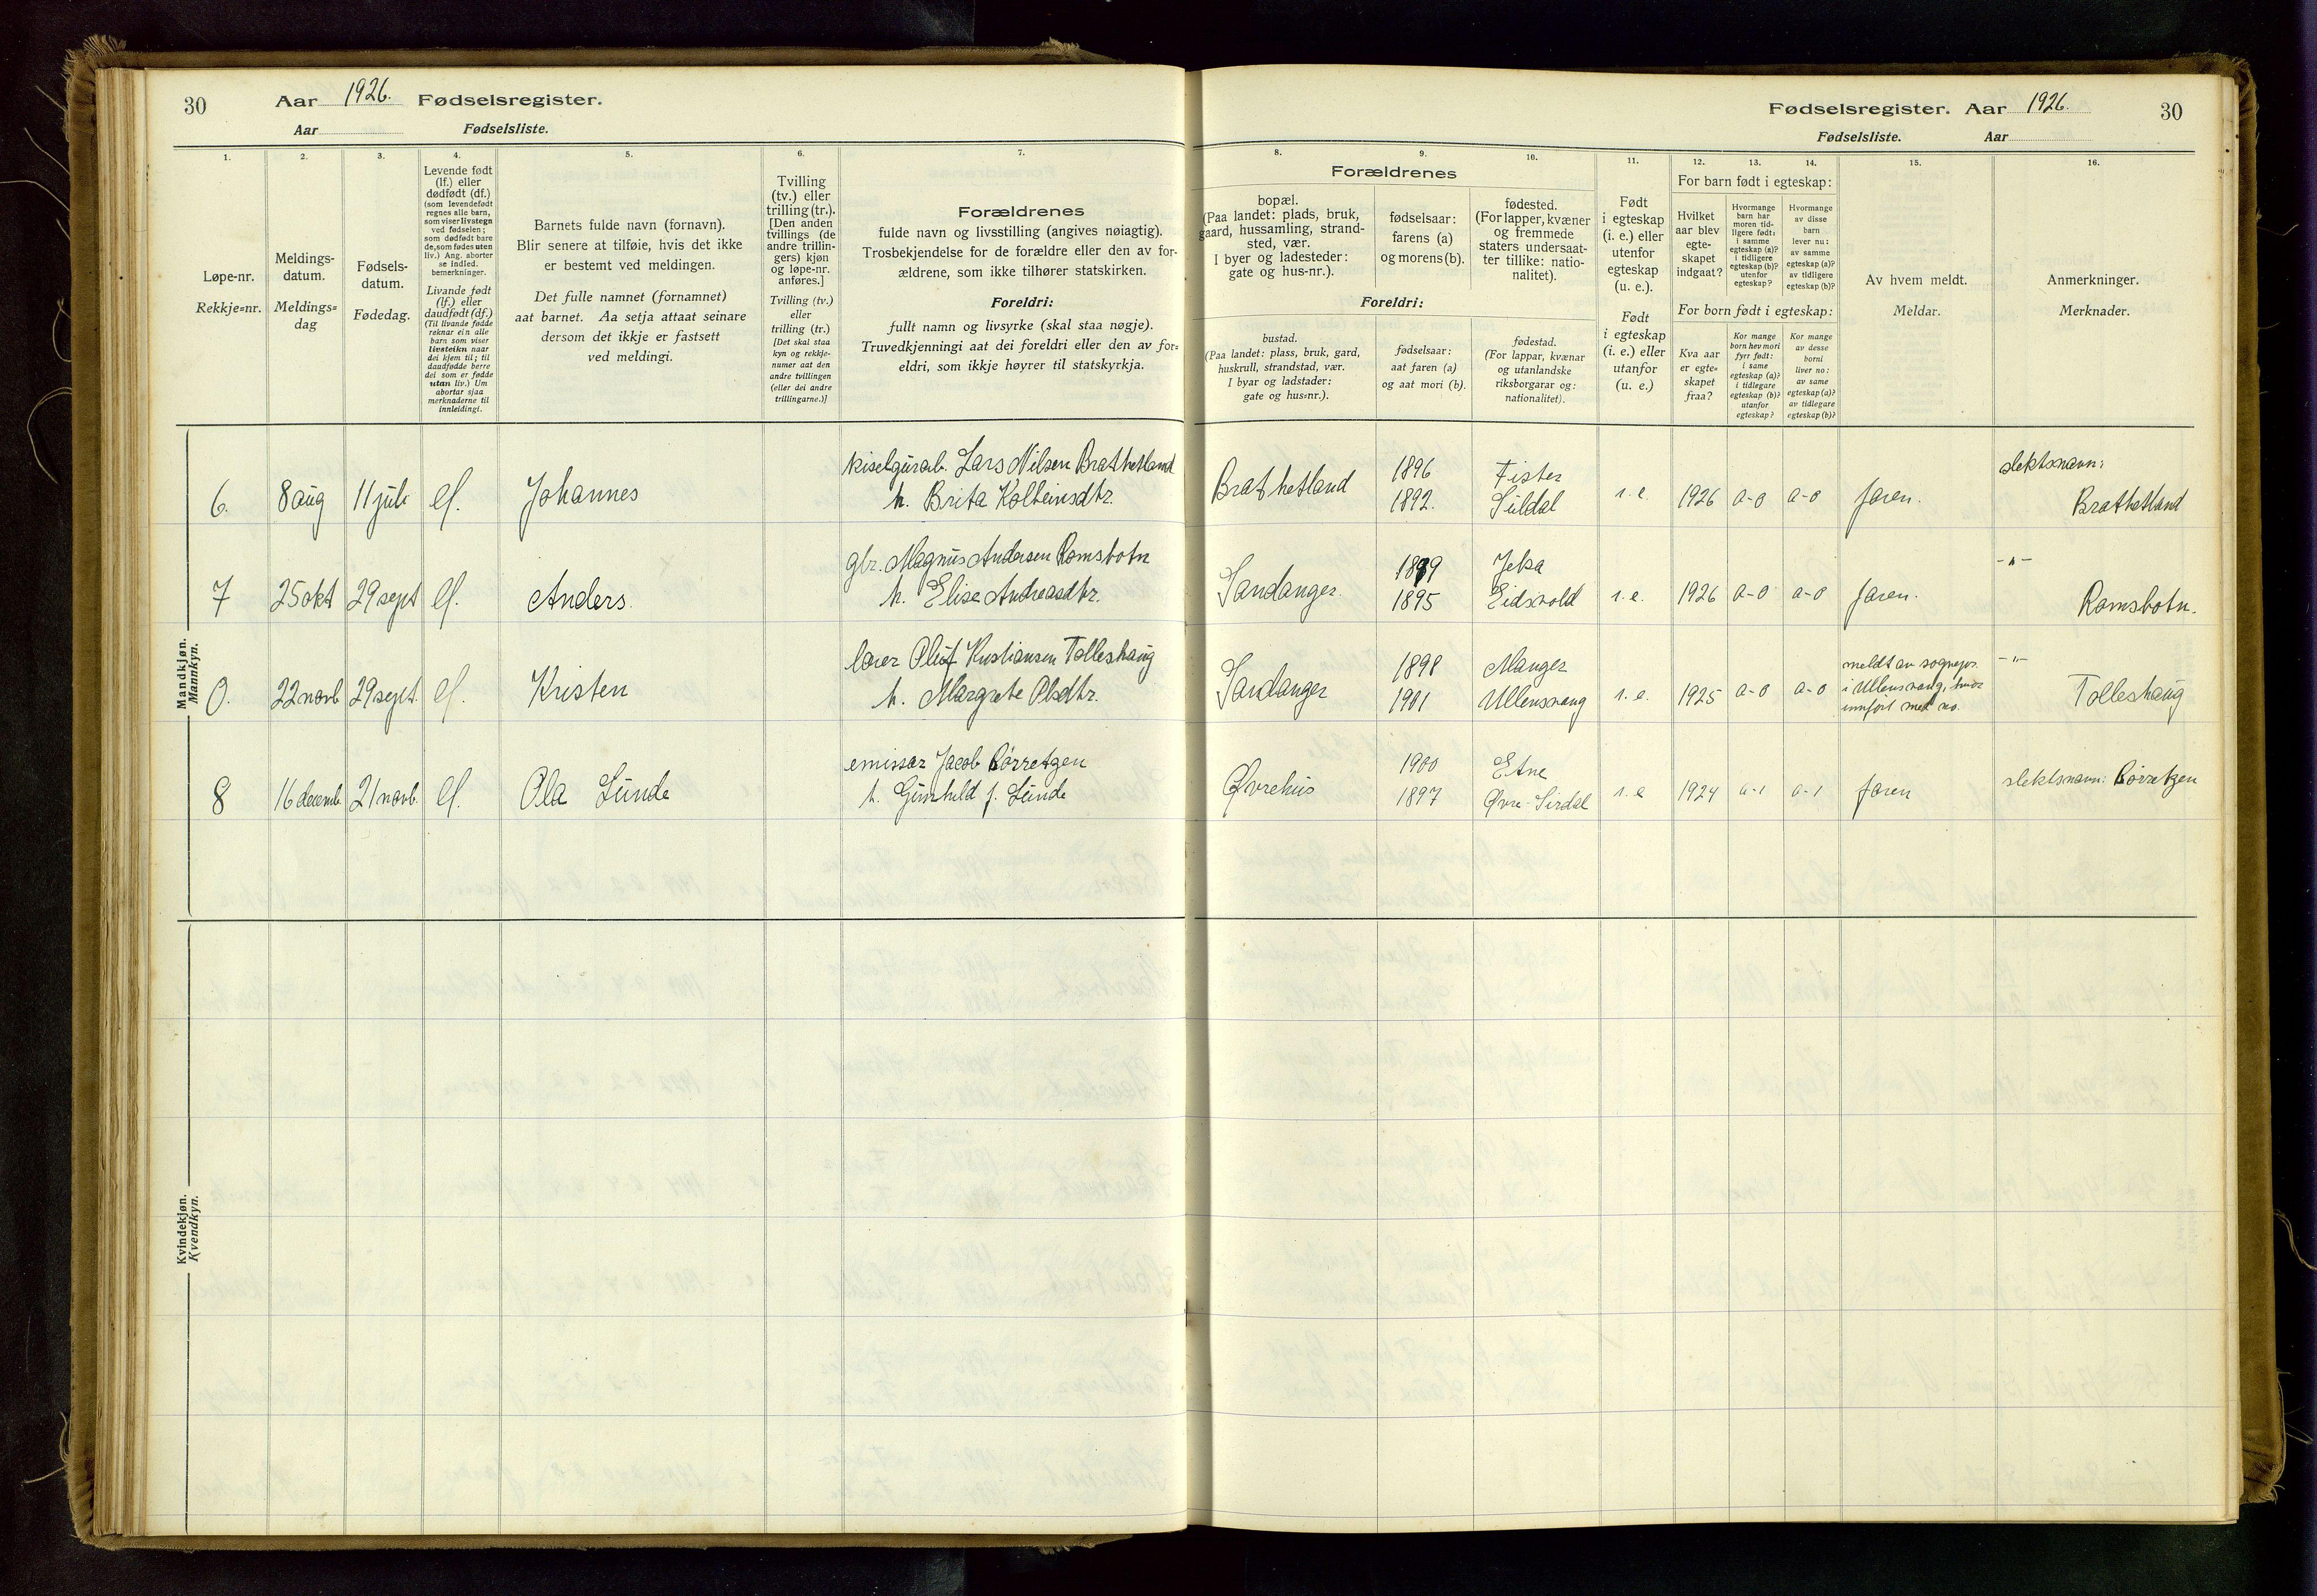 SAST, Hjelmeland sokneprestkontor, B/L0003: Fødselsregister nr. 3, 1916-1997, s. 30